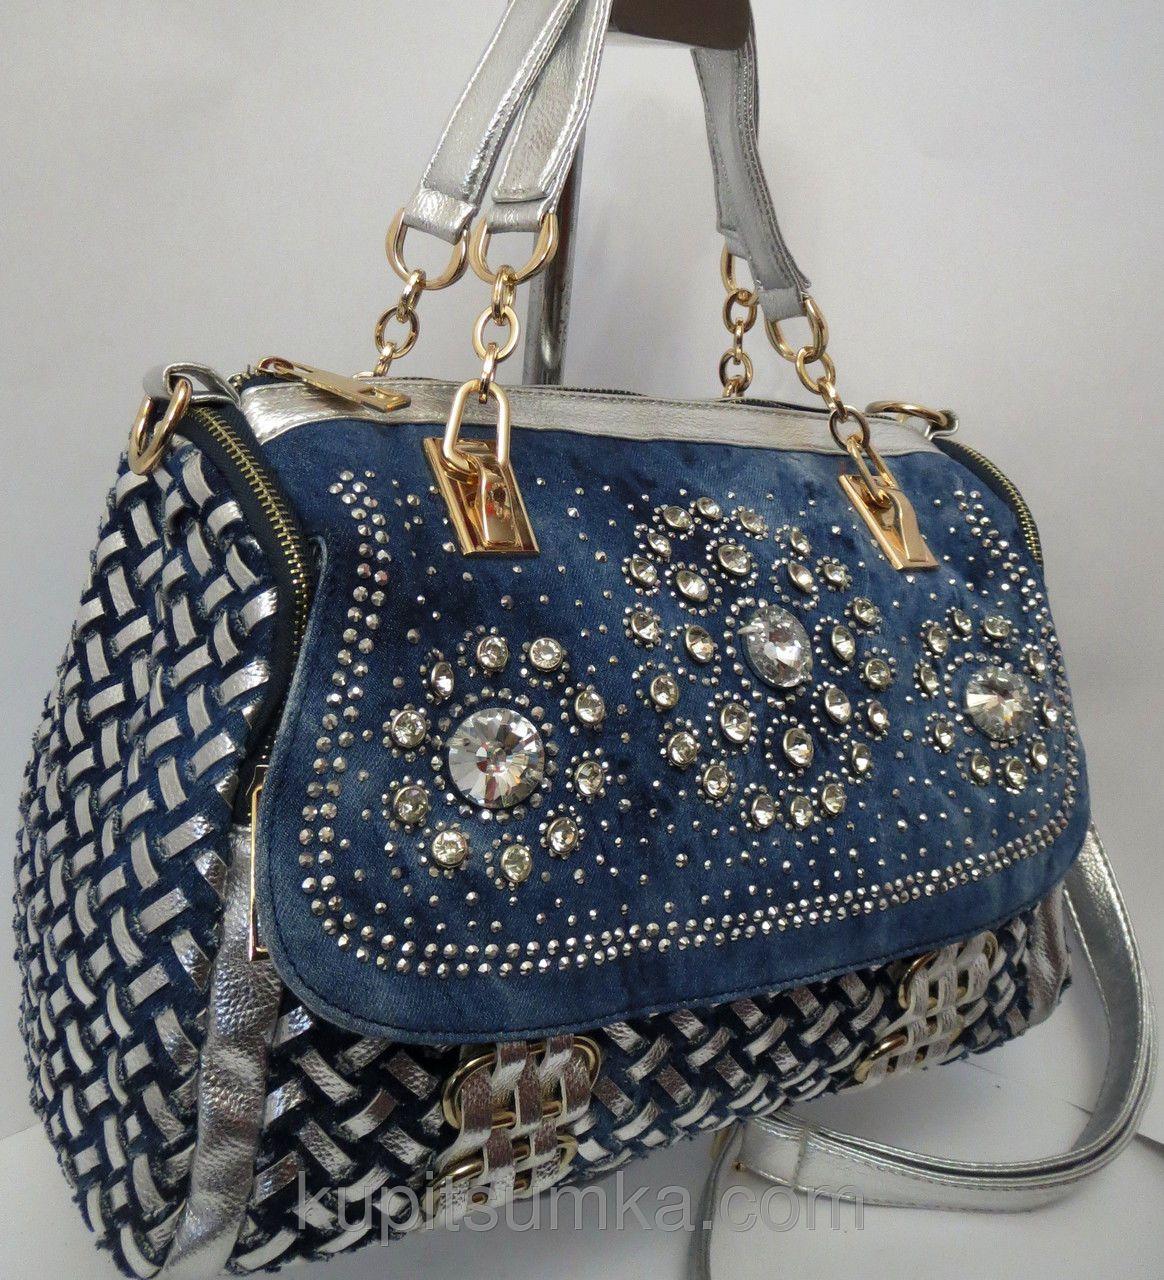 543e8c2ccc24 Женская джинсовая сумка с цветными камнями Farfalla Rosso | сумки